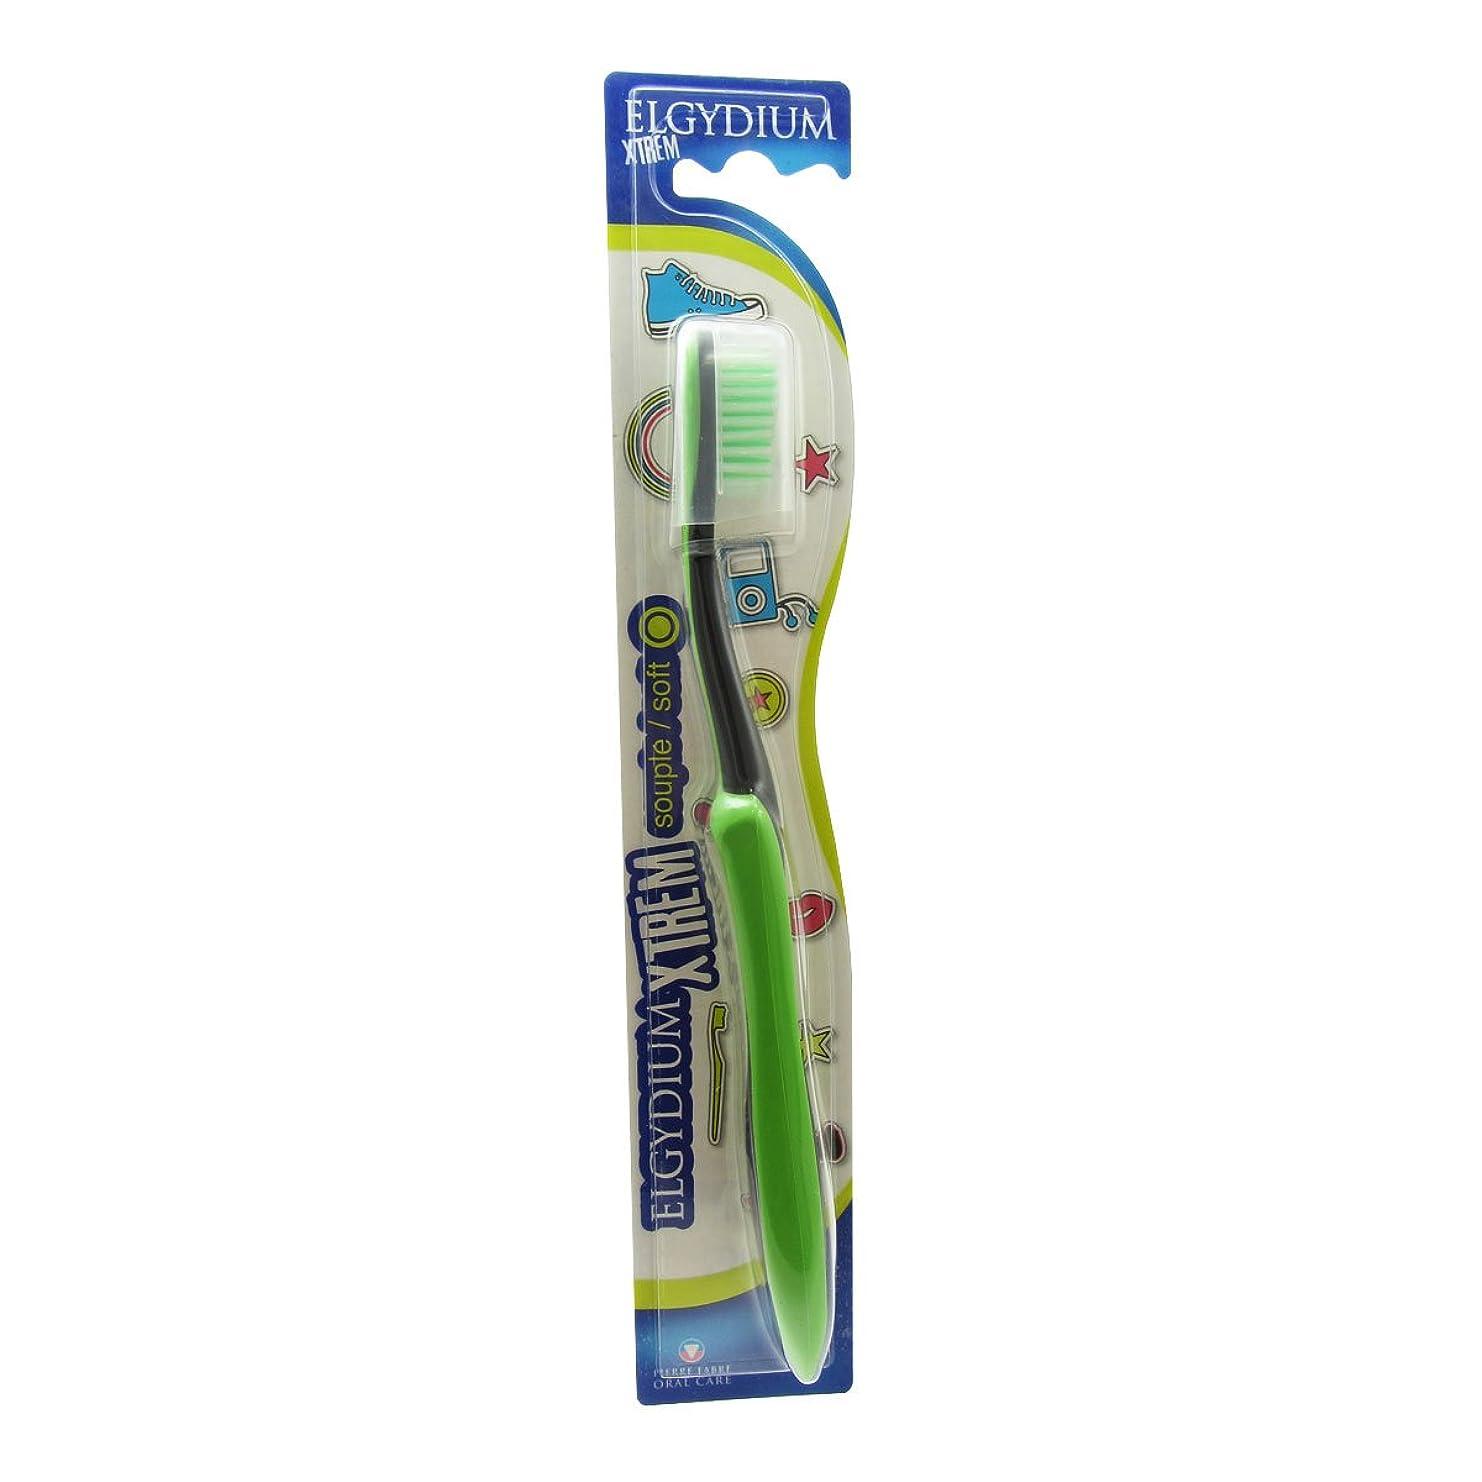 ばか舗装火傷Elgydium Xtrem Toothbrush Soft Hardness [並行輸入品]